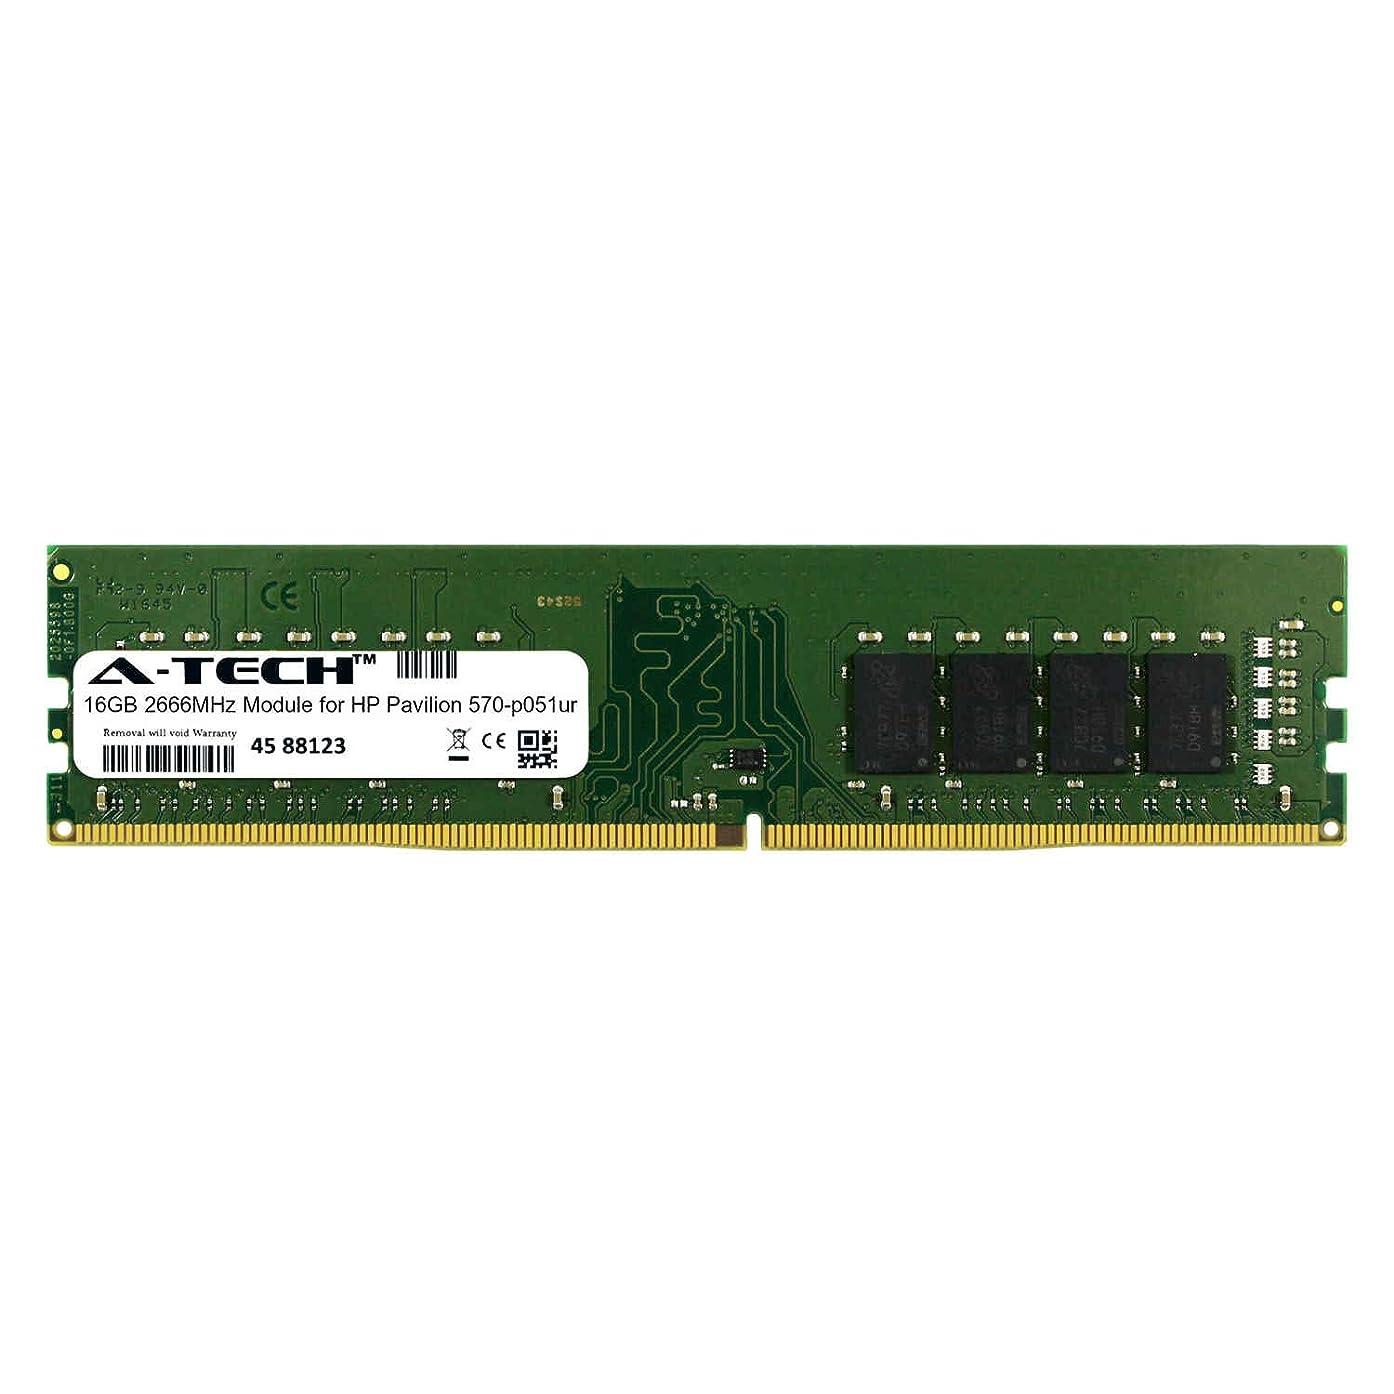 A-Tech 16GB Module for HP Pavilion 570-p051ur Desktop & Workstation Motherboard Compatible DDR4 2666Mhz Memory Ram (ATMS311072A25823X1)